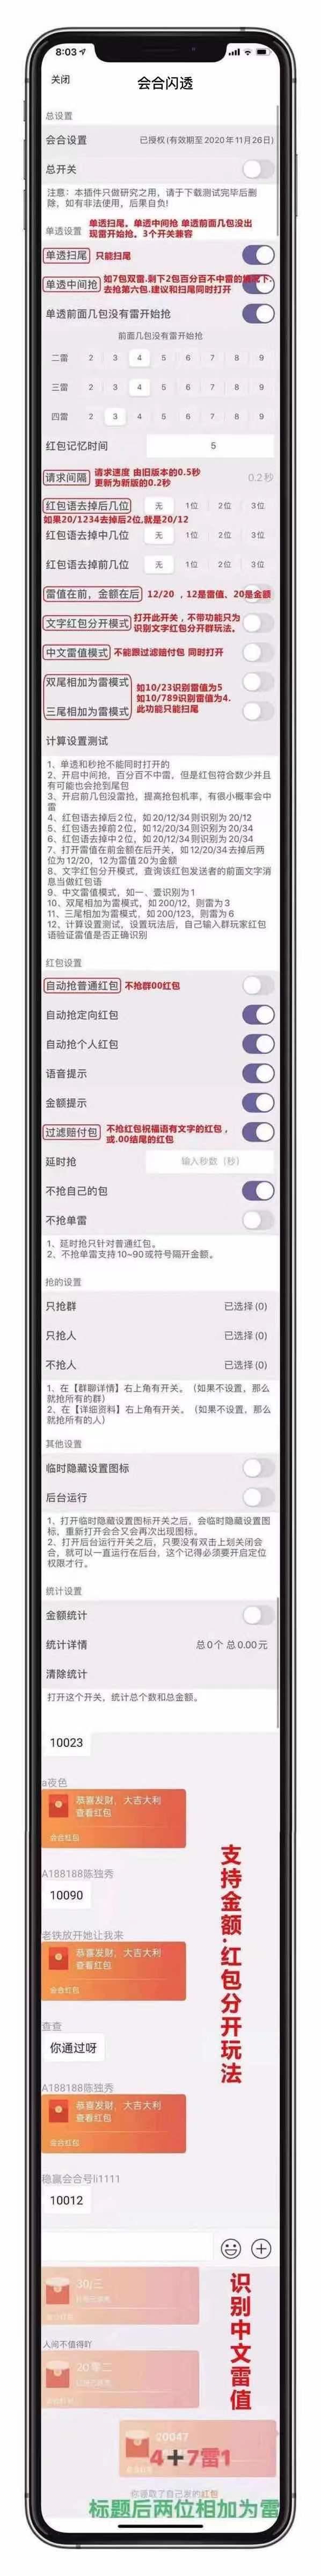 【会合闪透周卡激活码】苹果版